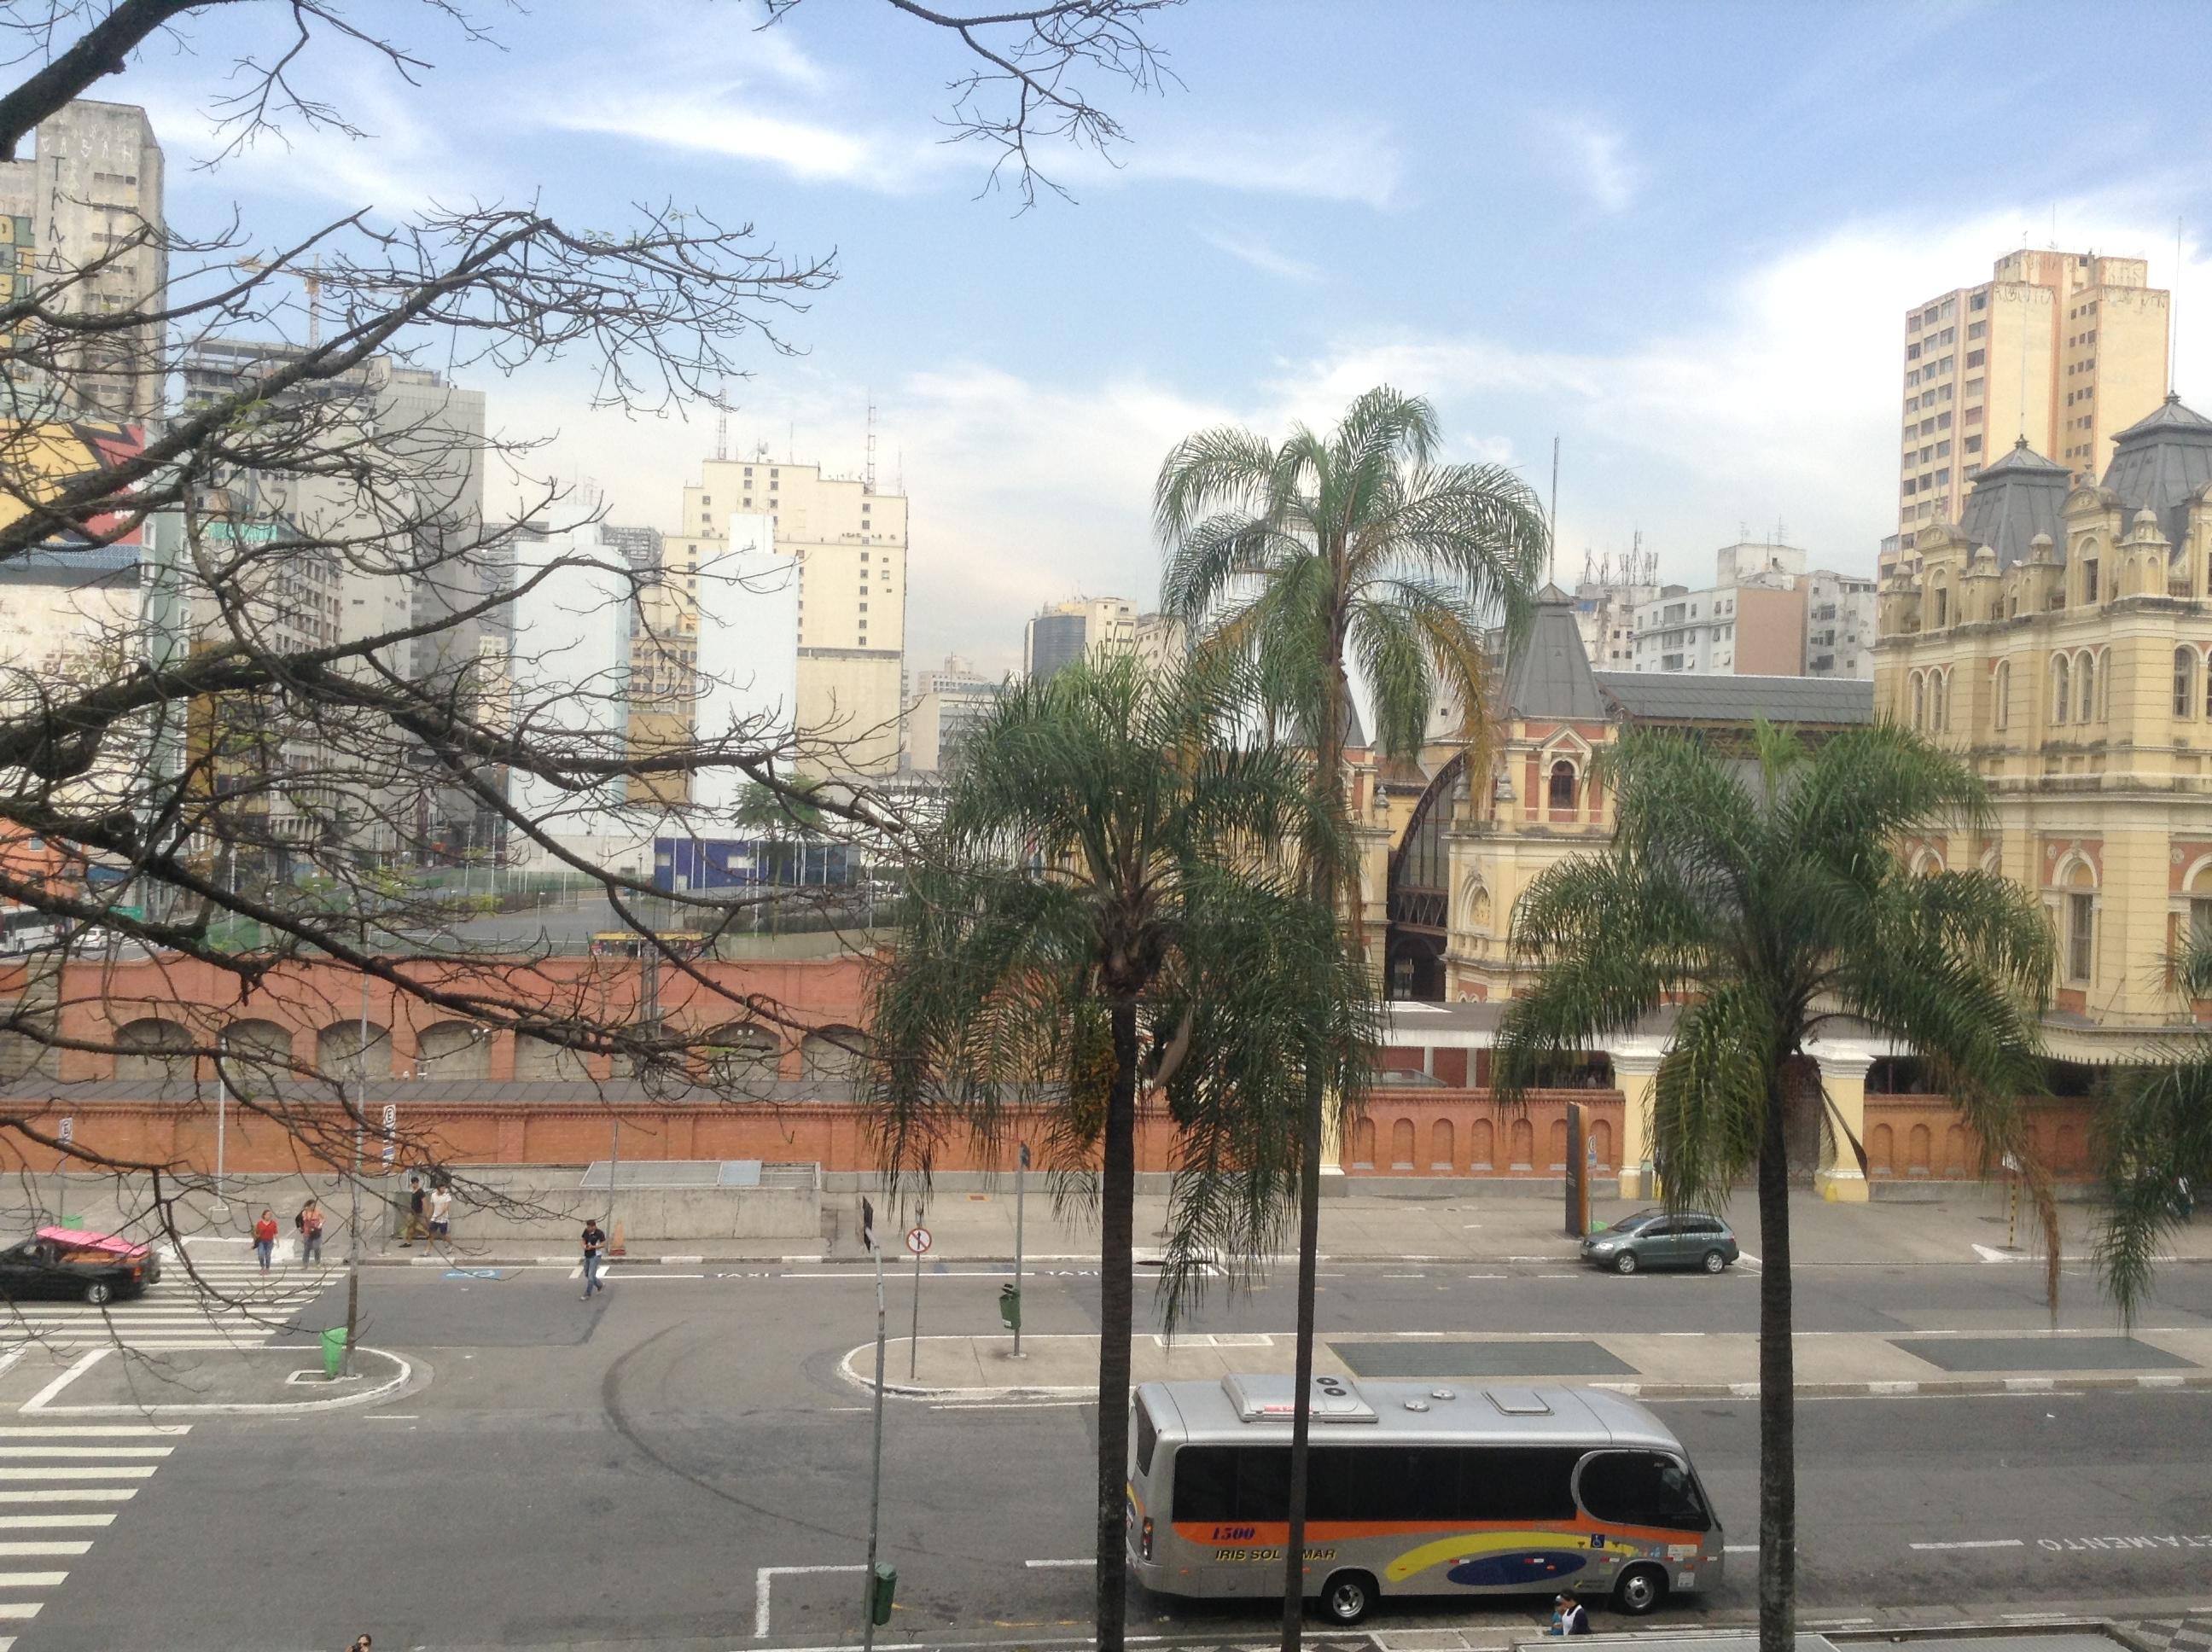 Vue de la pinacothèque de Sao Paulo, 17 juillet 2015